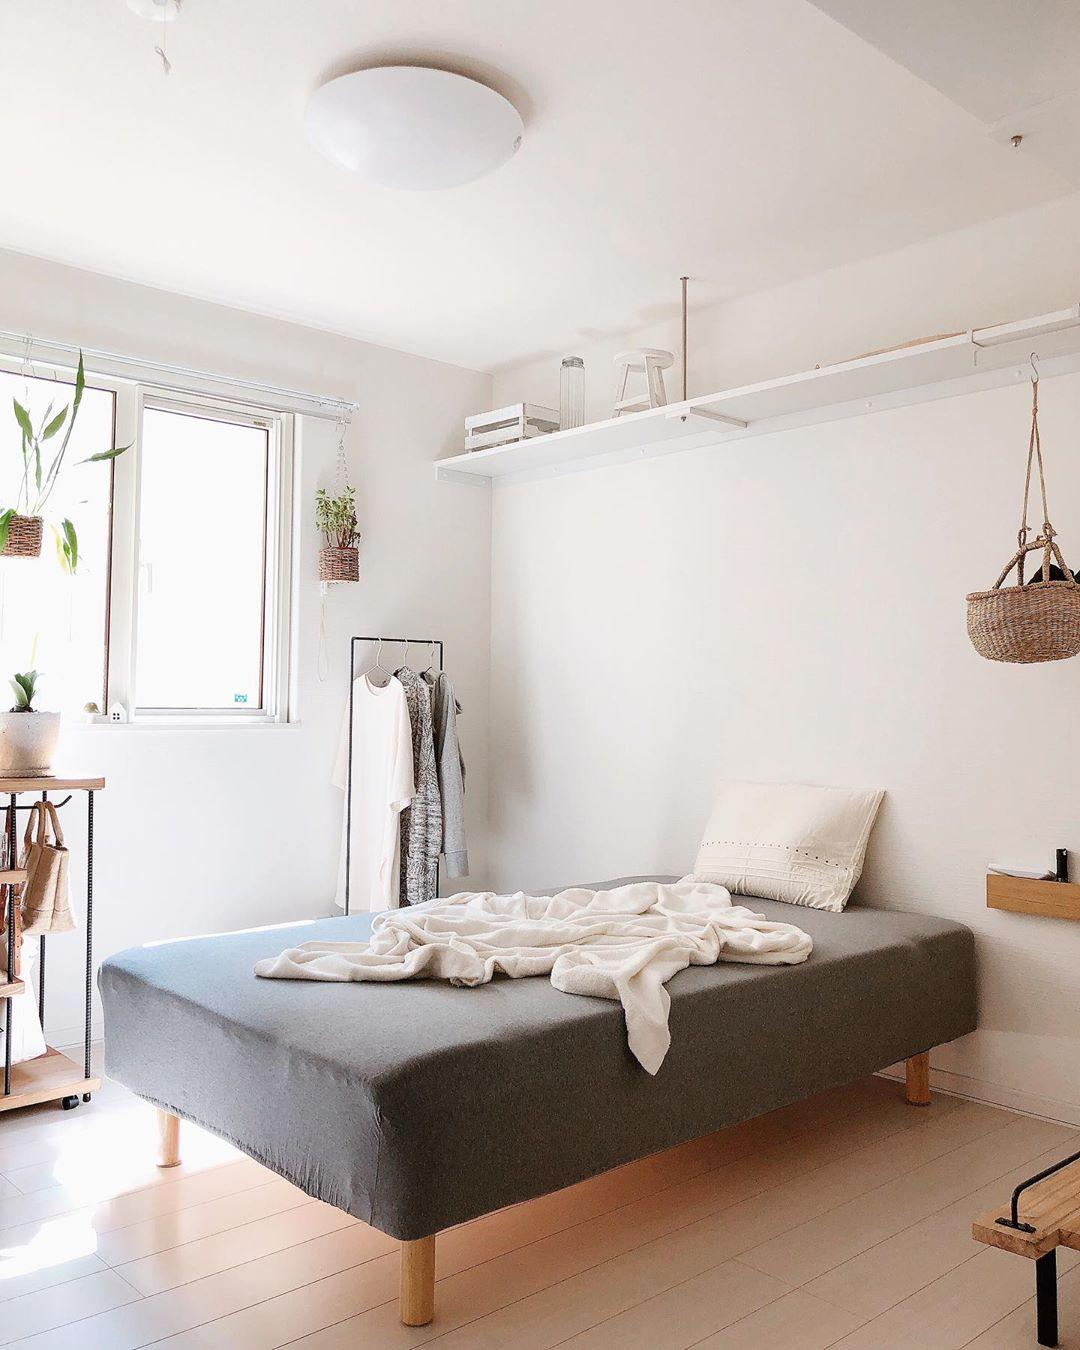 shiomaluさんのお部屋で私が特に驚いたのは、とてもシンプルに整えられたベッドルーム。1LDKだと、ベッドルーム側は荷物でごちゃごちゃ……あるいは寝るだけの部屋に……となってしまうことってよくあると思うのですが、ここでゆっくりと休日を過ごしたくなるような、素敵な空間に仕上げていらっしゃいました。